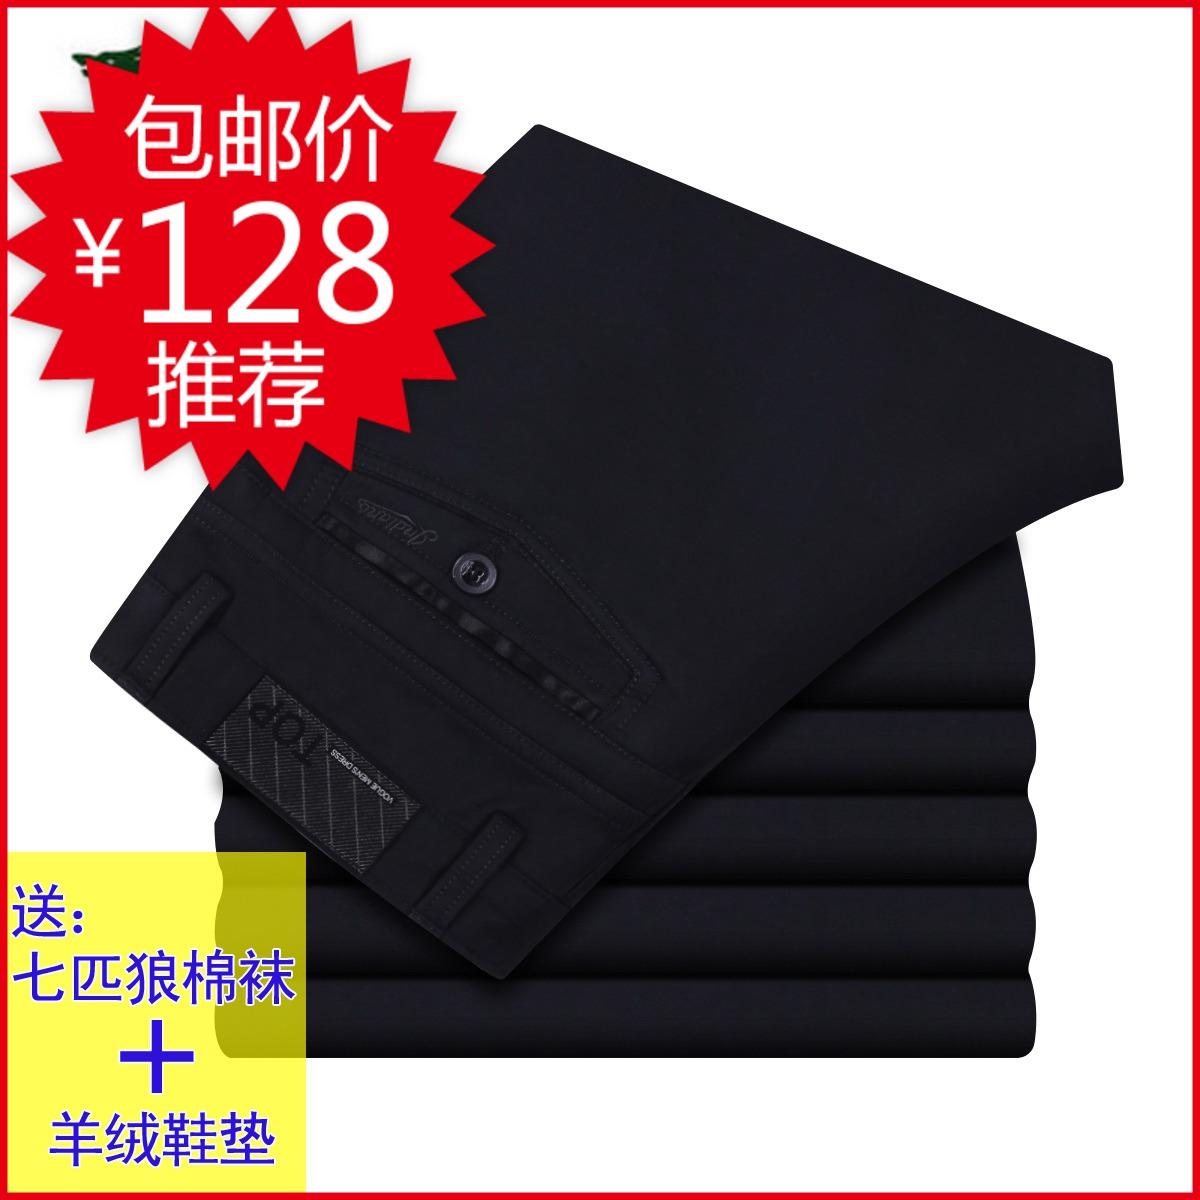 Классические брюки The septwolves 8127 Прямые брюки (окружность голени=окружности отворота) Зимняя Хлопок Повседневный стиль